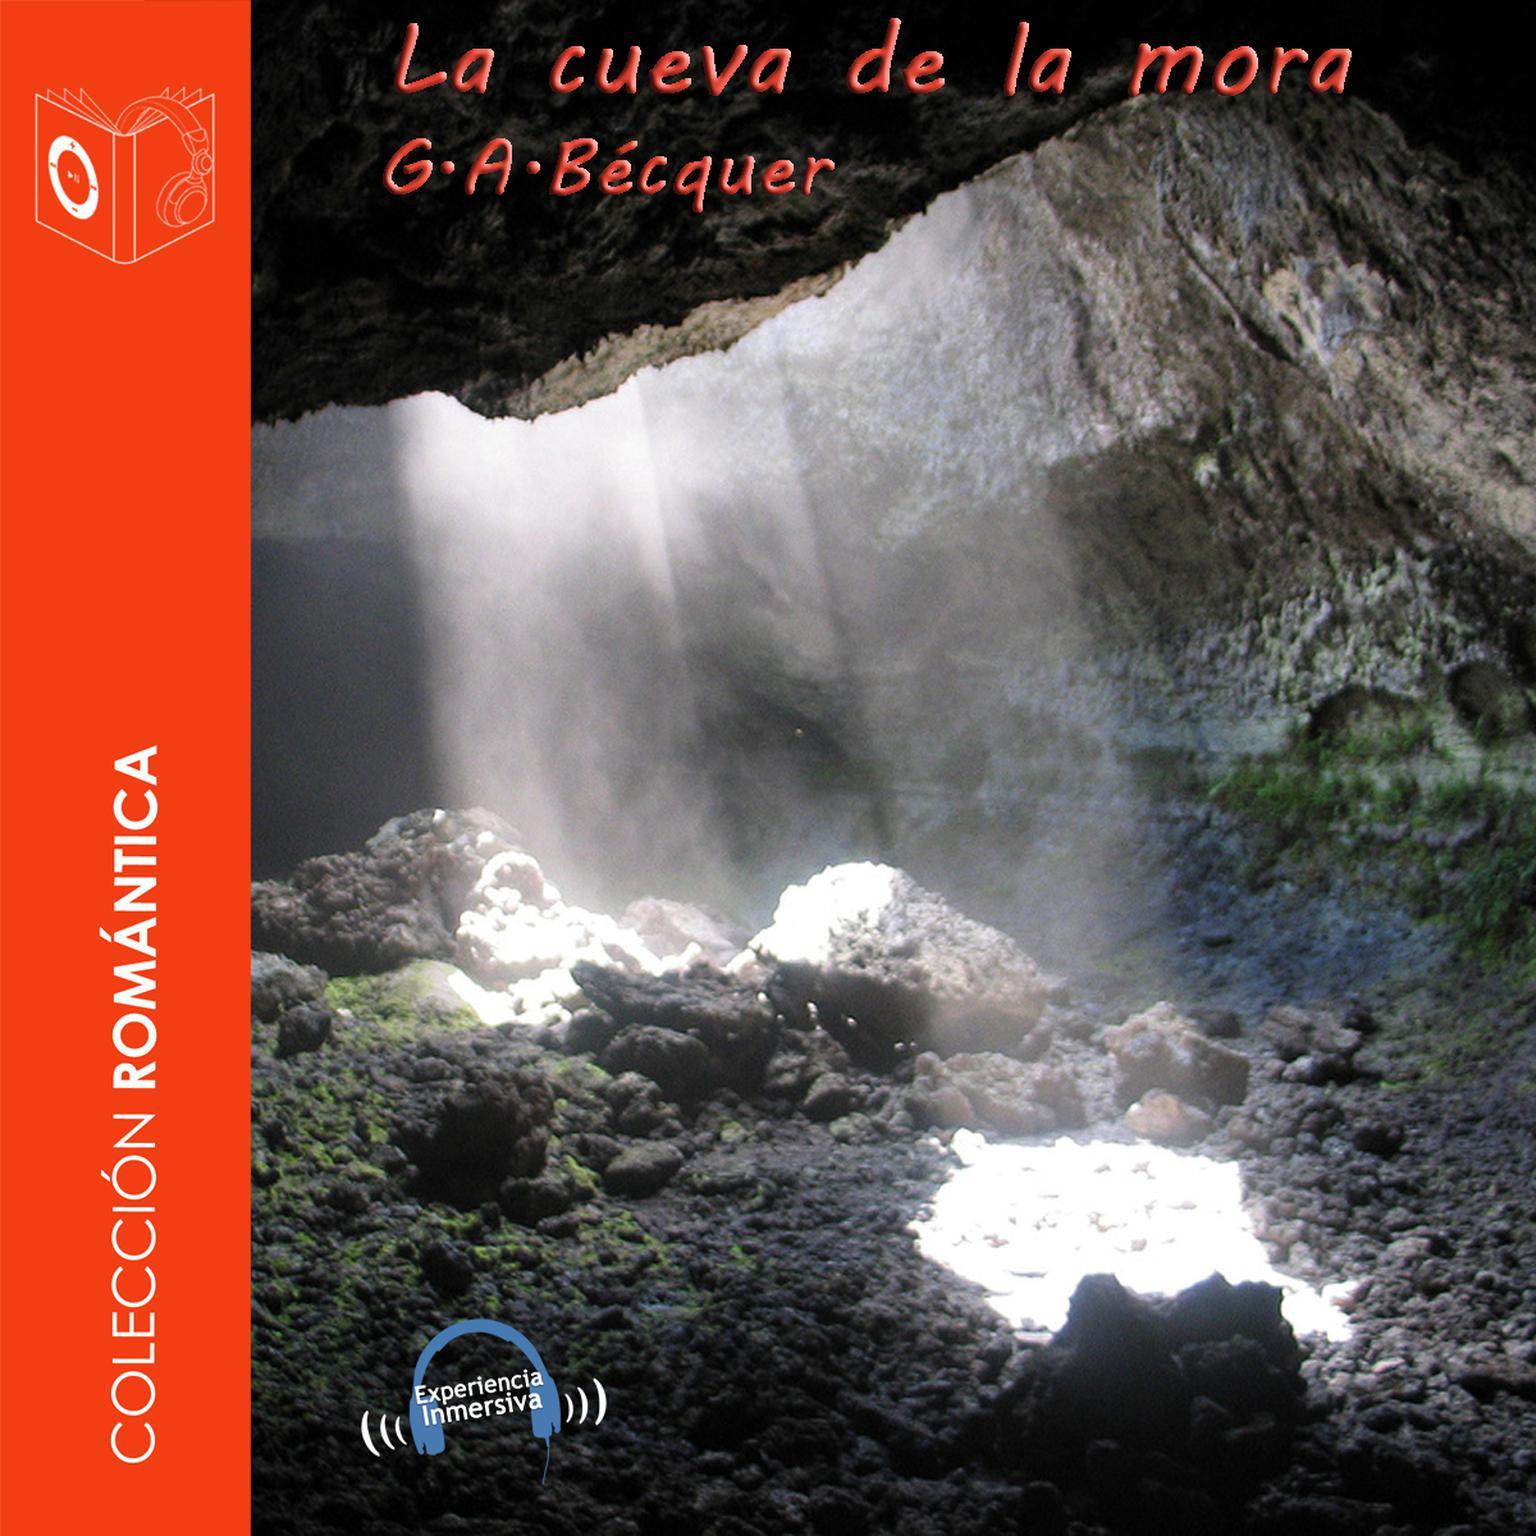 La cueva de la mora Audiobook, by Gustavo Adolfo Bécquer